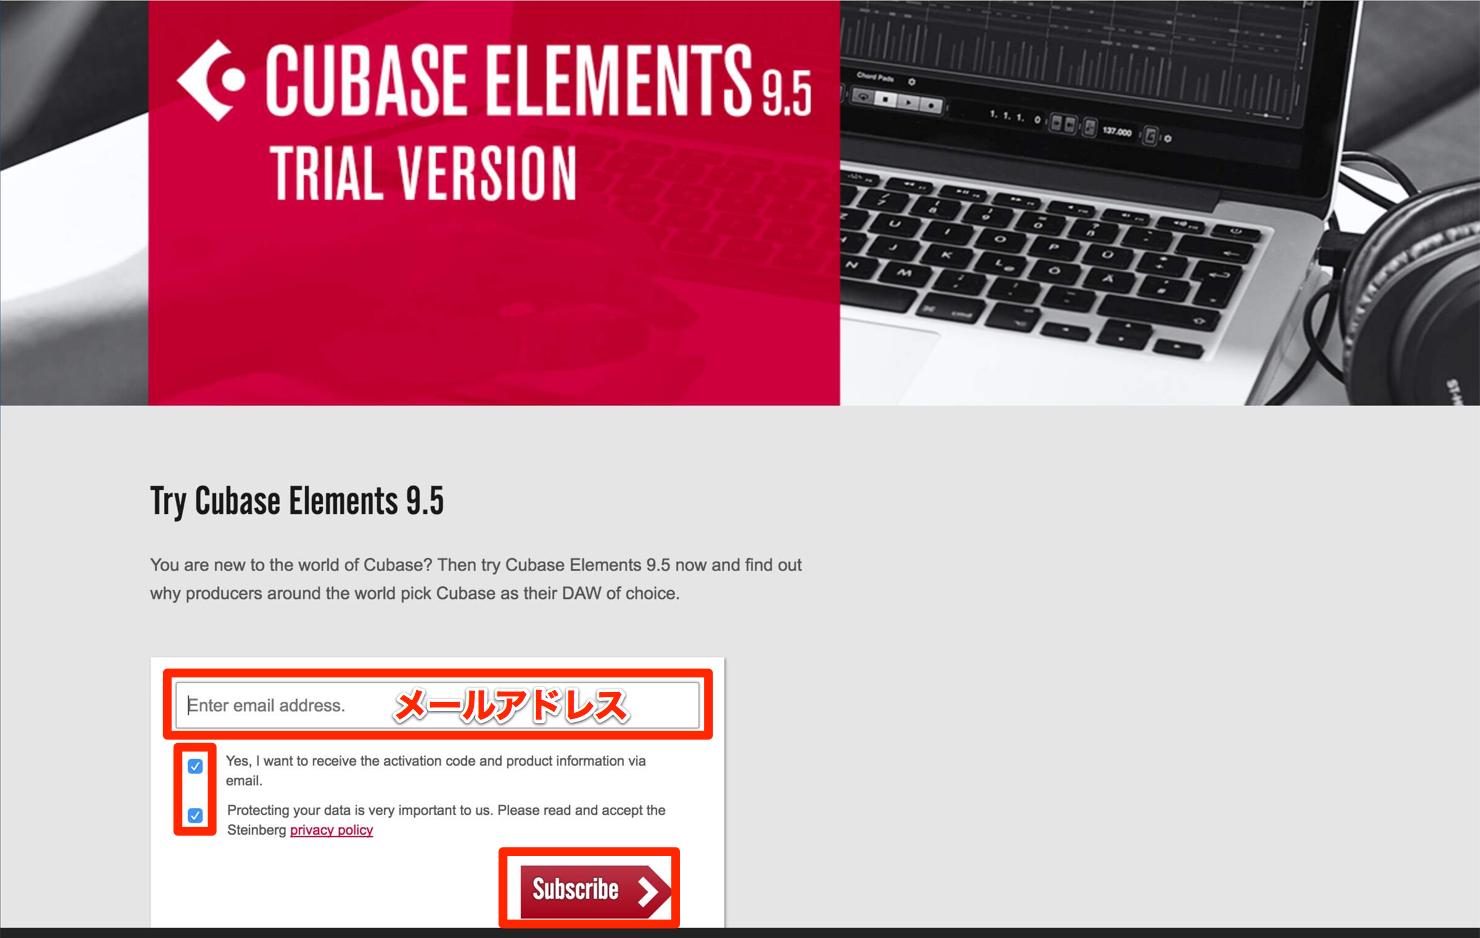 cubase-pro-elements-9-5-trial-1